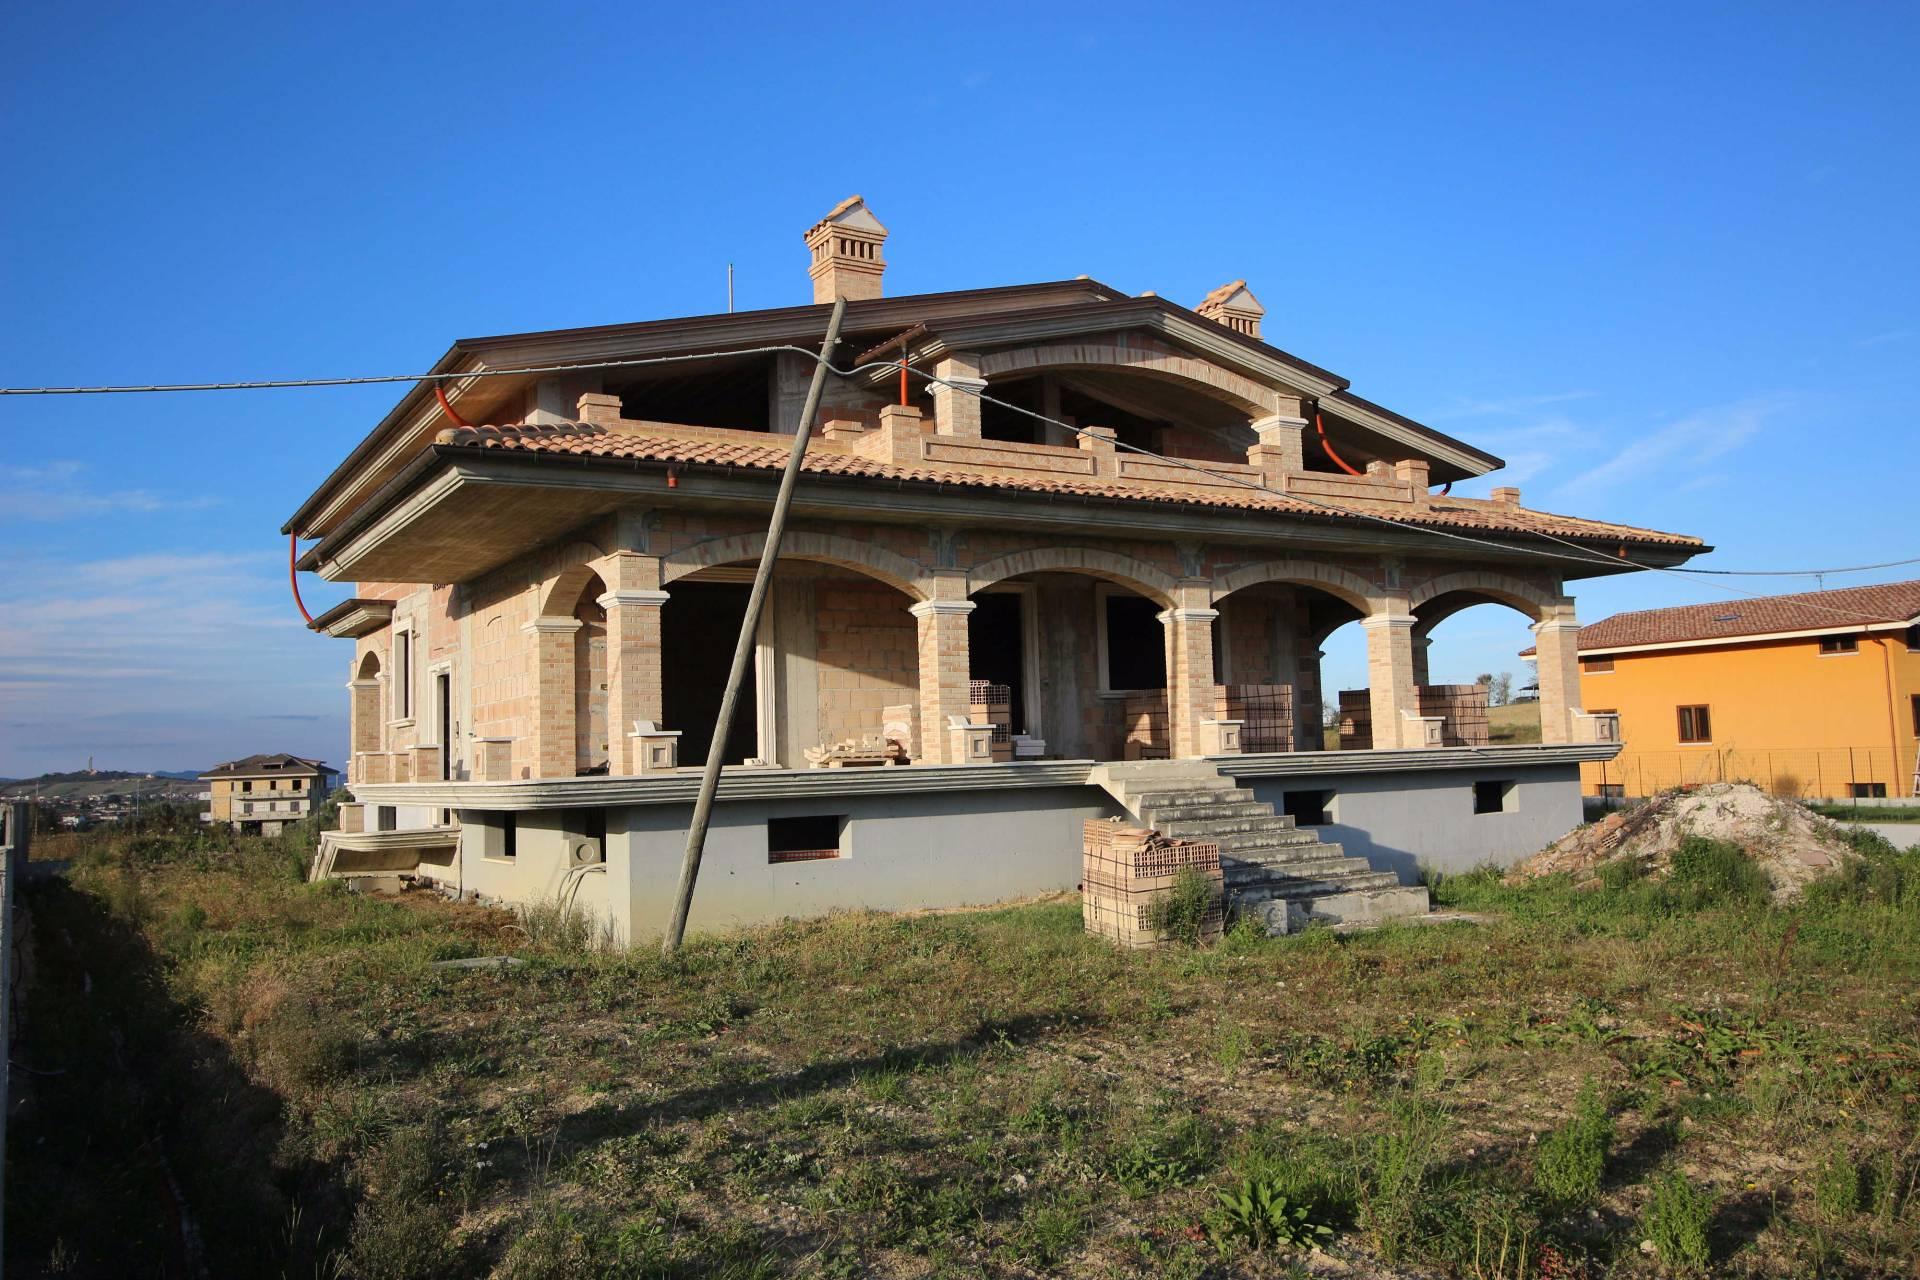 Villa in vendita a Civitella del Tronto, 8 locali, prezzo € 270.000 | CambioCasa.it